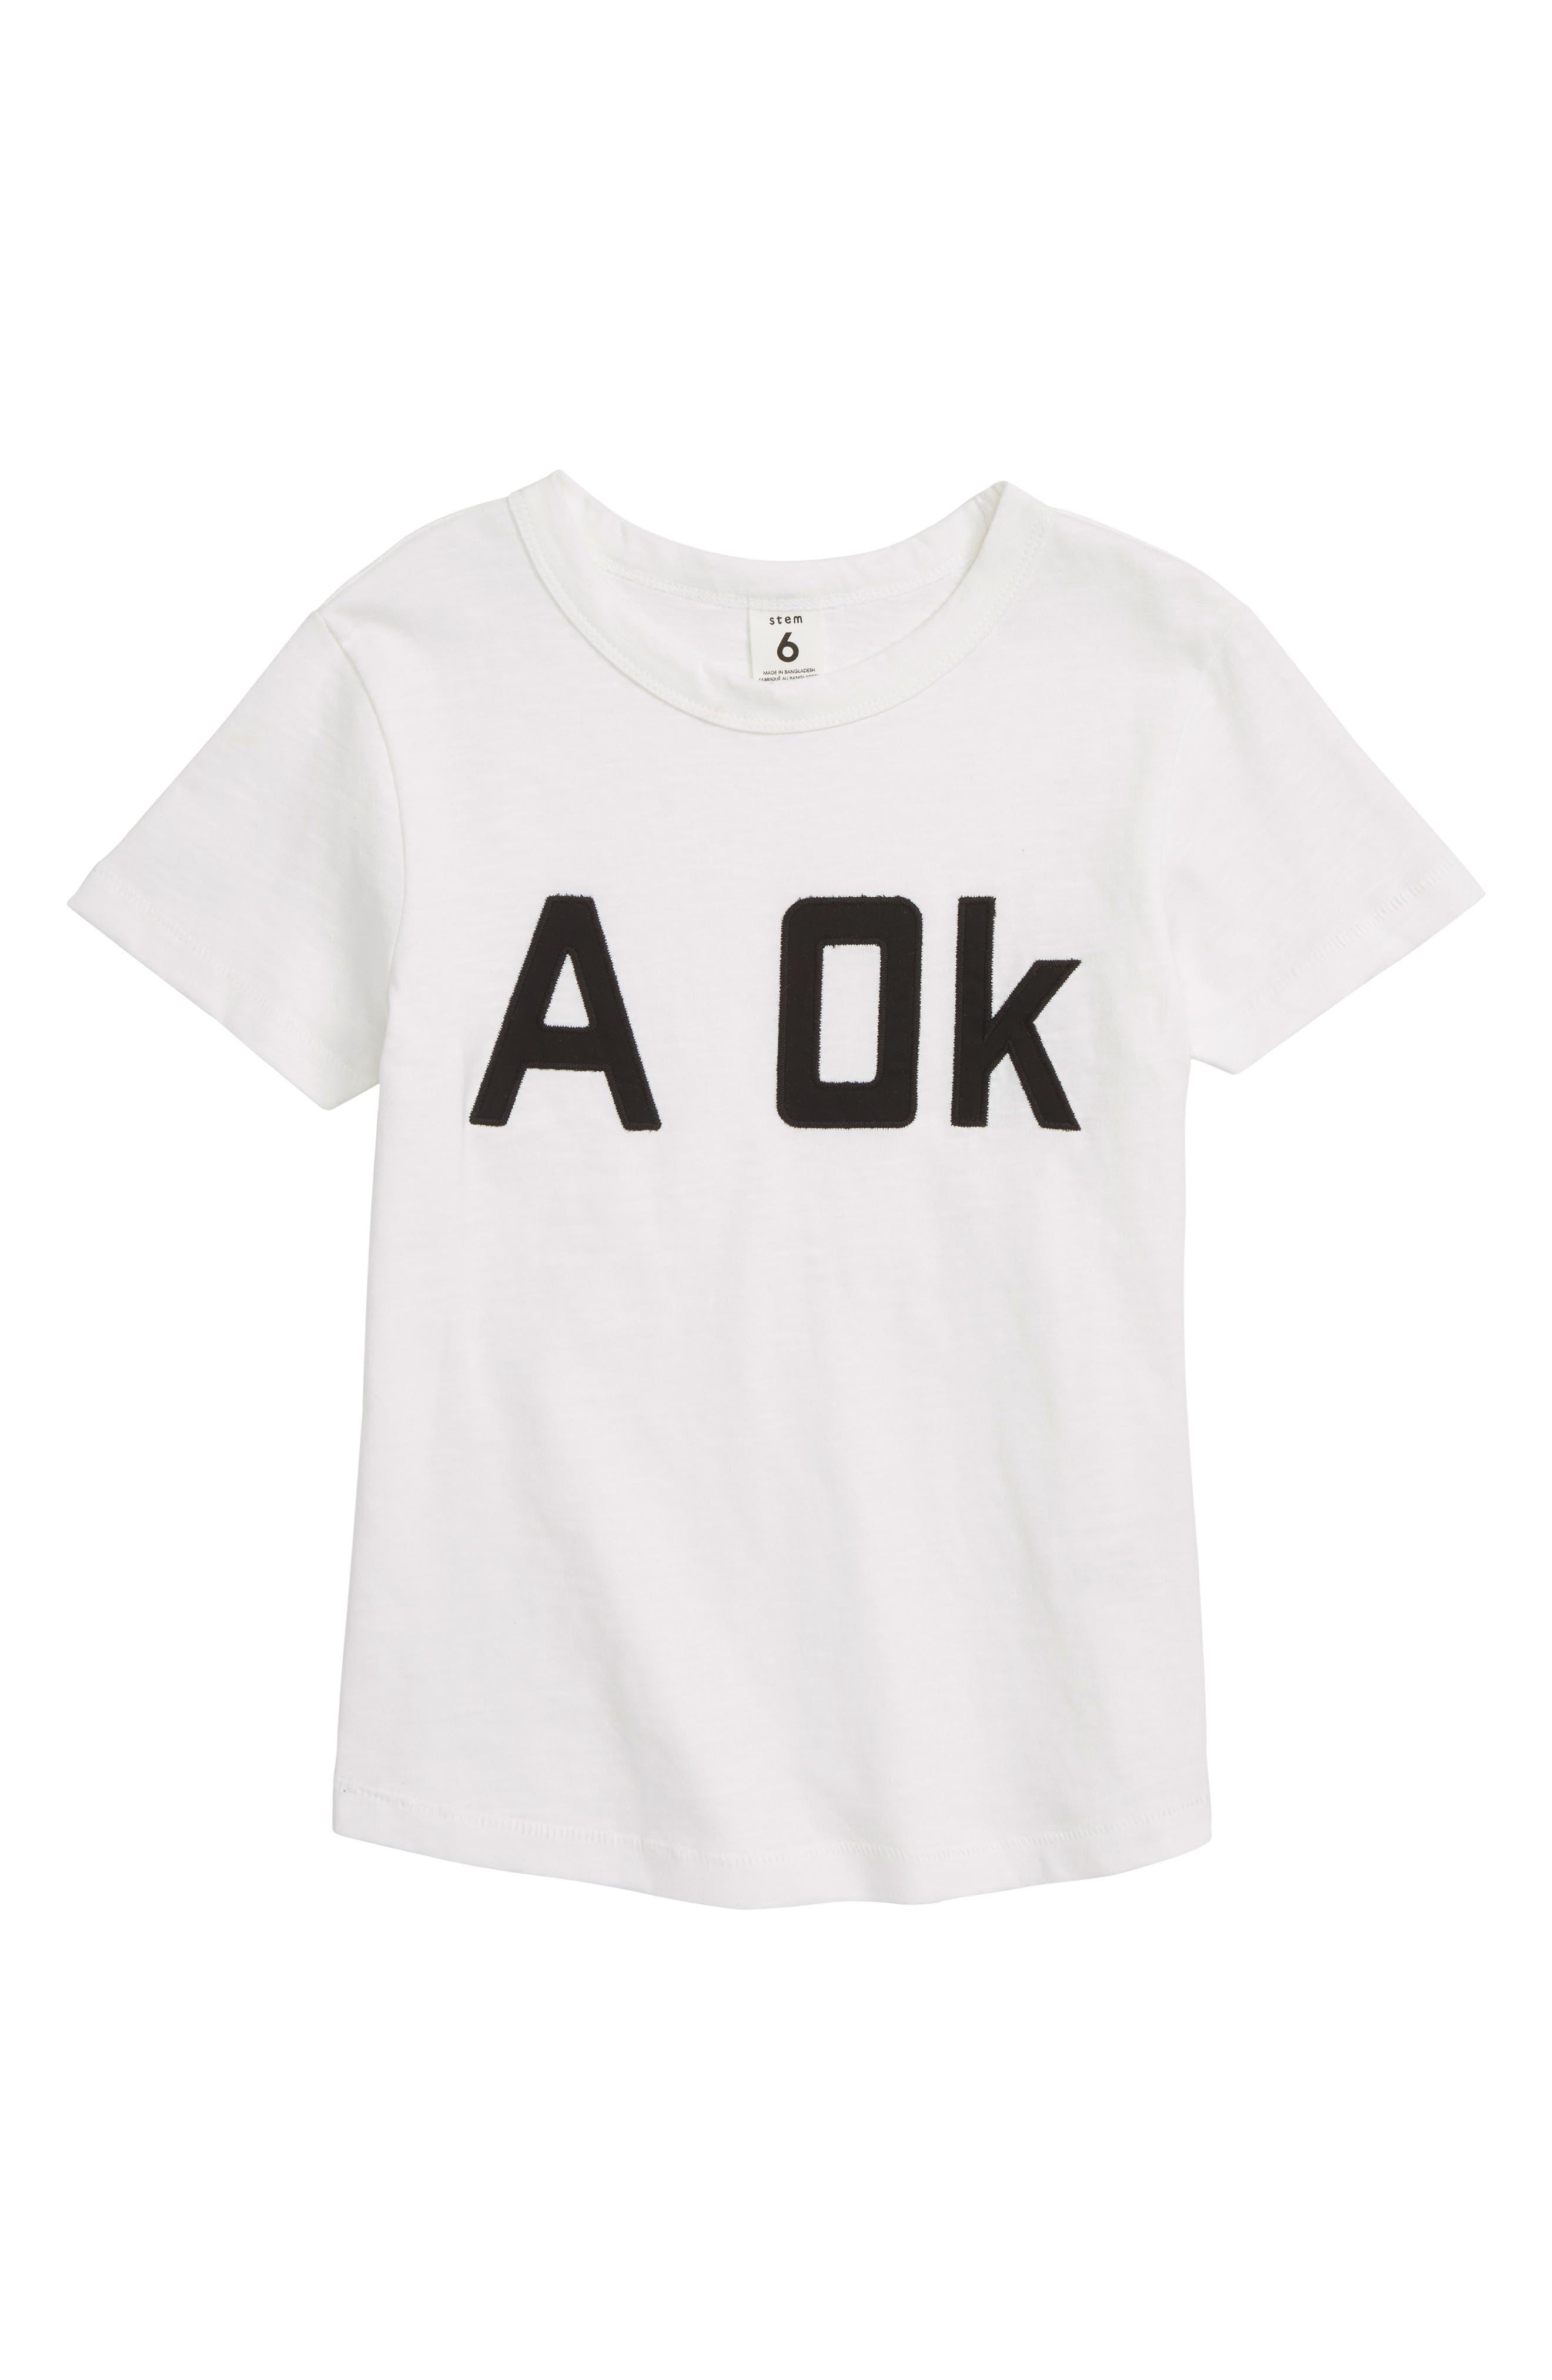 Free Space Appliqué T-Shirt,                         Main,                         color, White A Ok